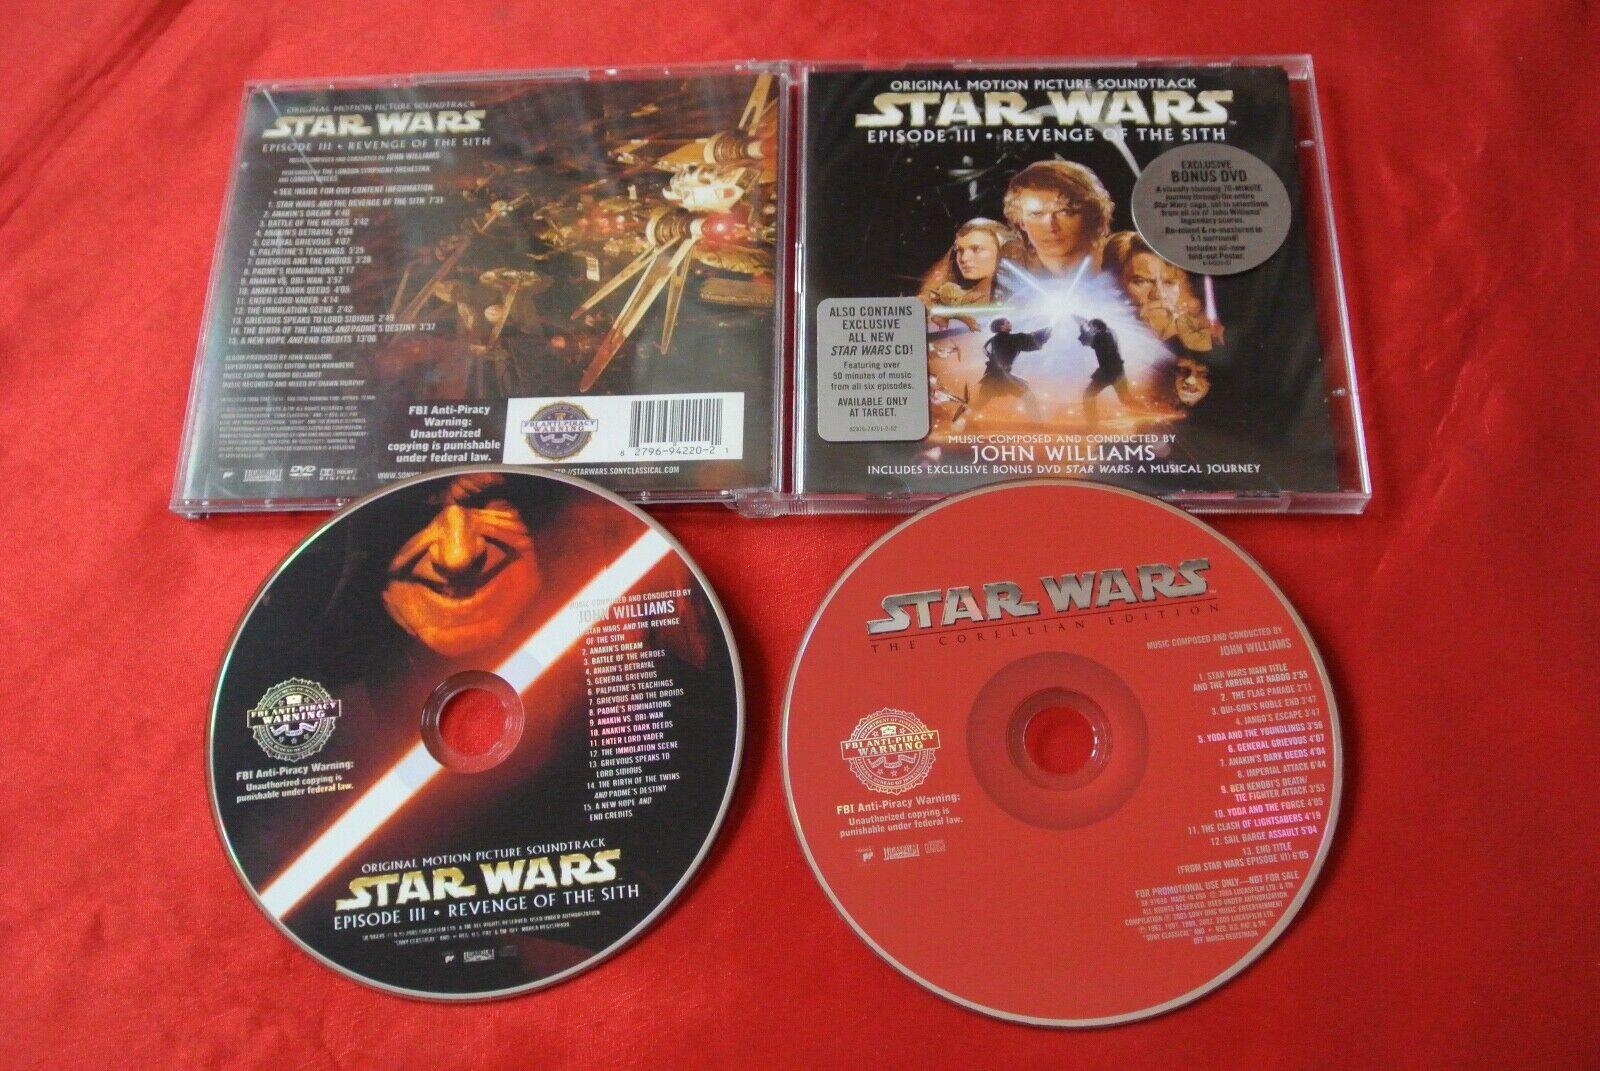 Star Wars A Musical Journey Dvd 2005 2 Disc Set Dvd Cd For Sale Online Ebay